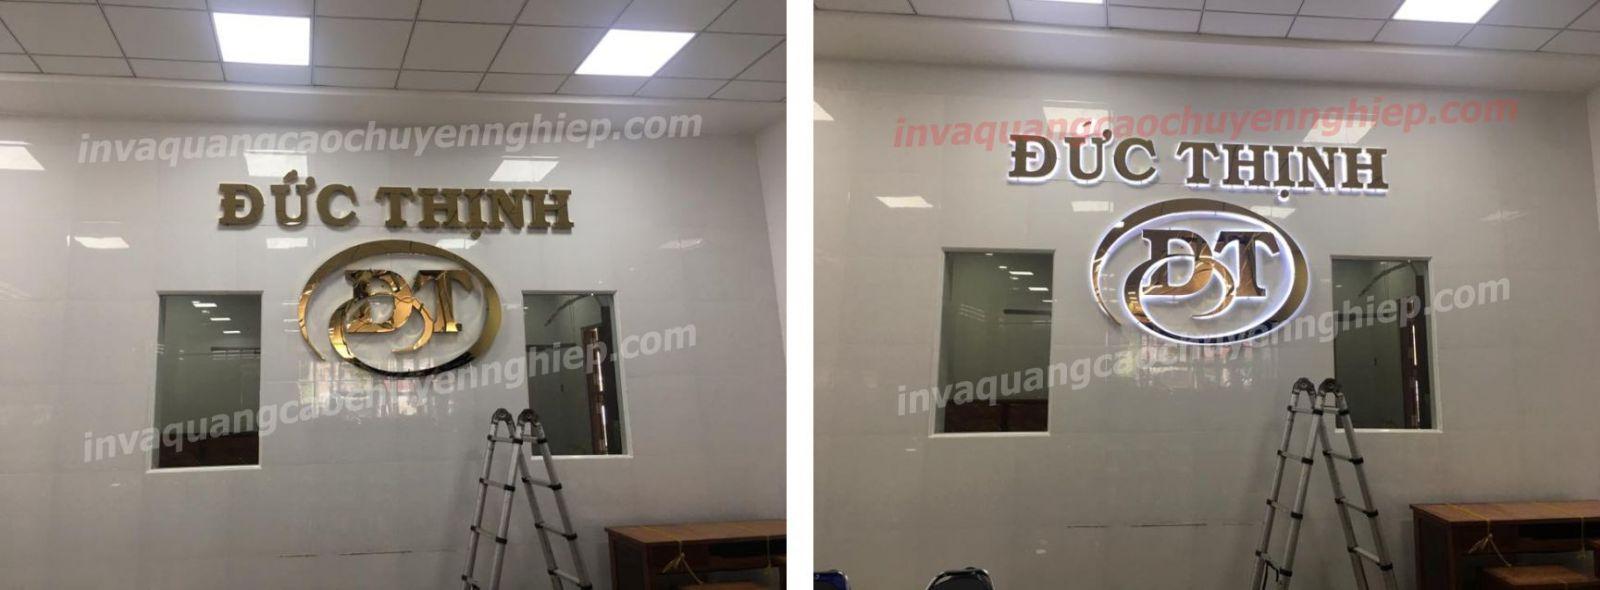 Làm biển lễ tân, logo backdrop văn phòng bằng inox